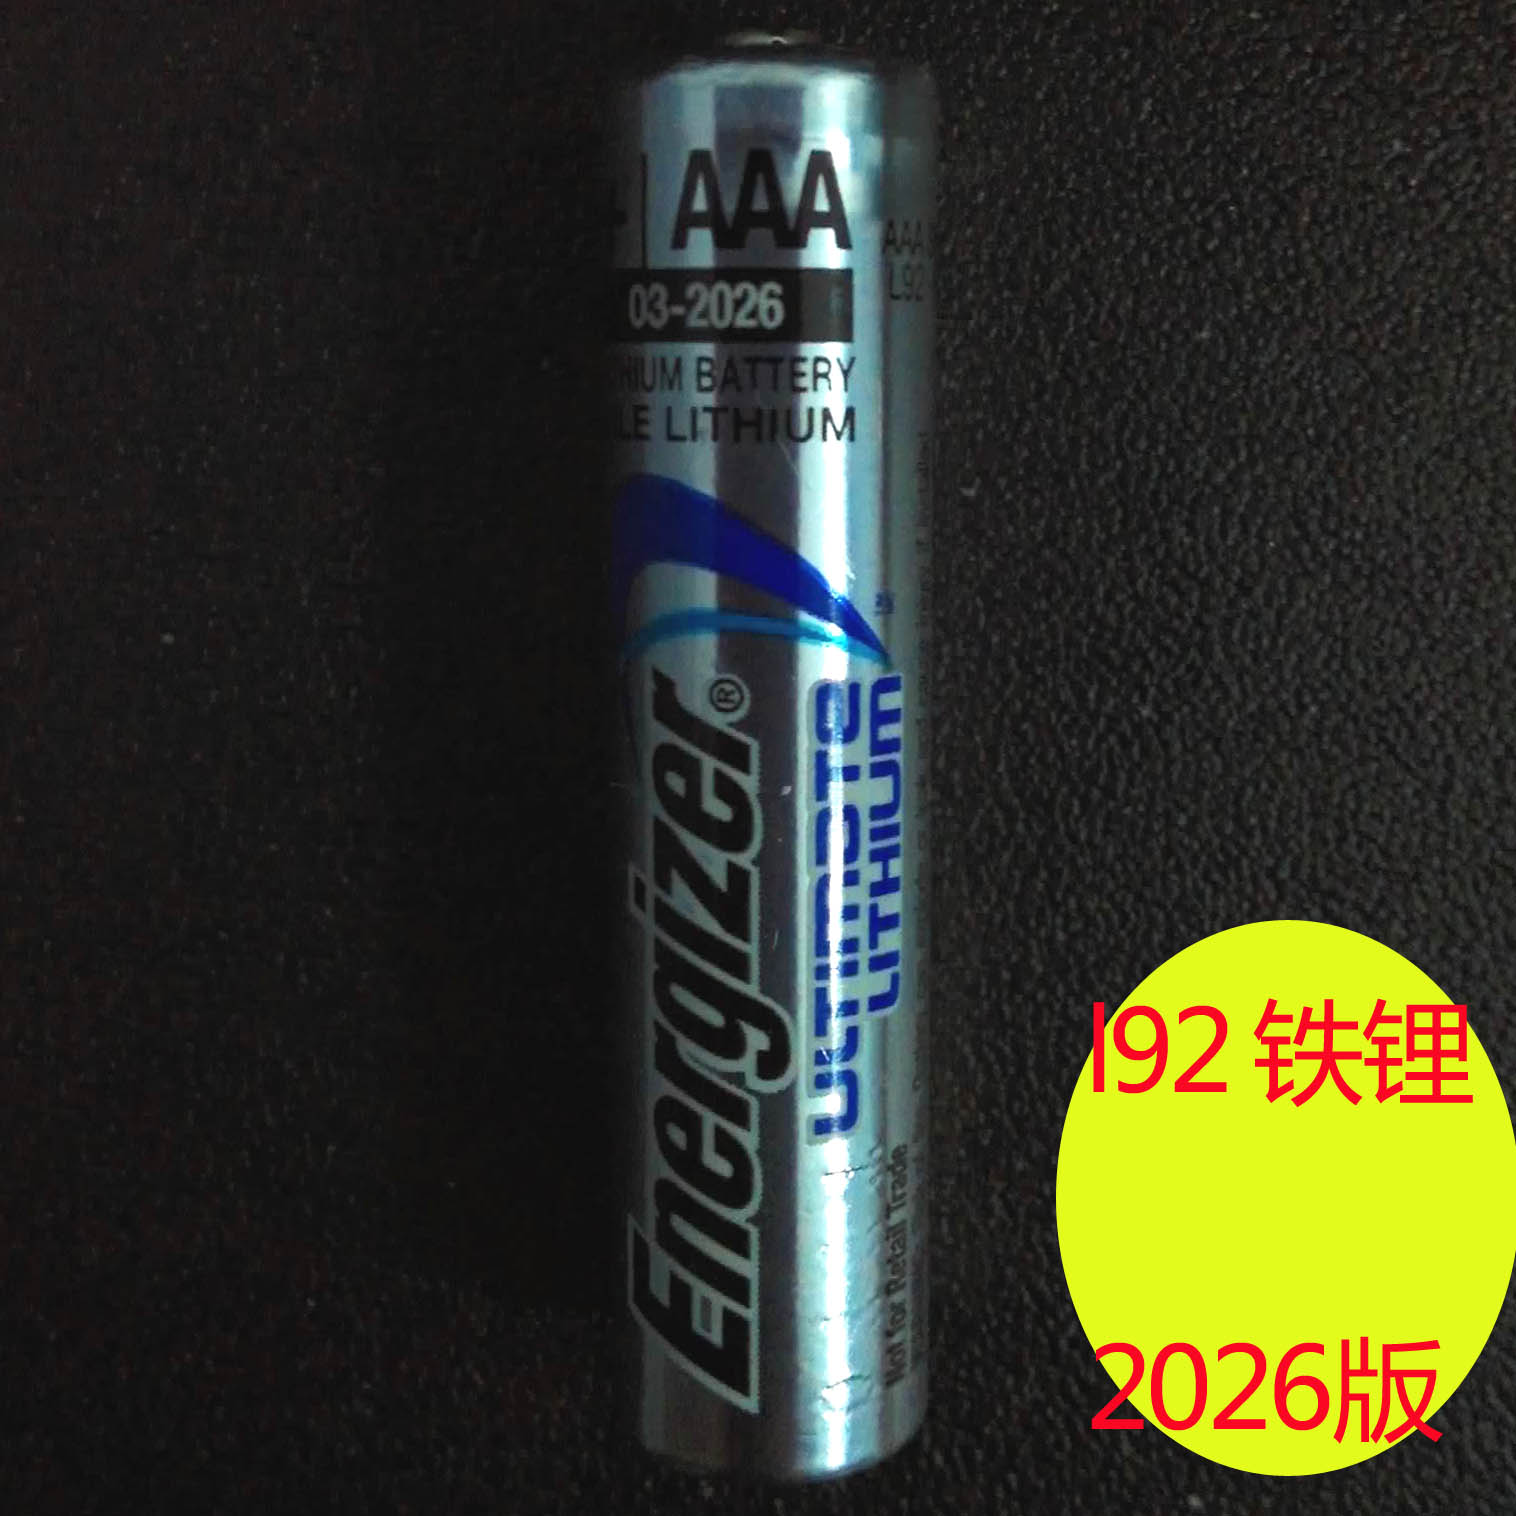 劲量 美国原装 铁锂电池 劲量L92 AAA7号  原皮2026版 最新版